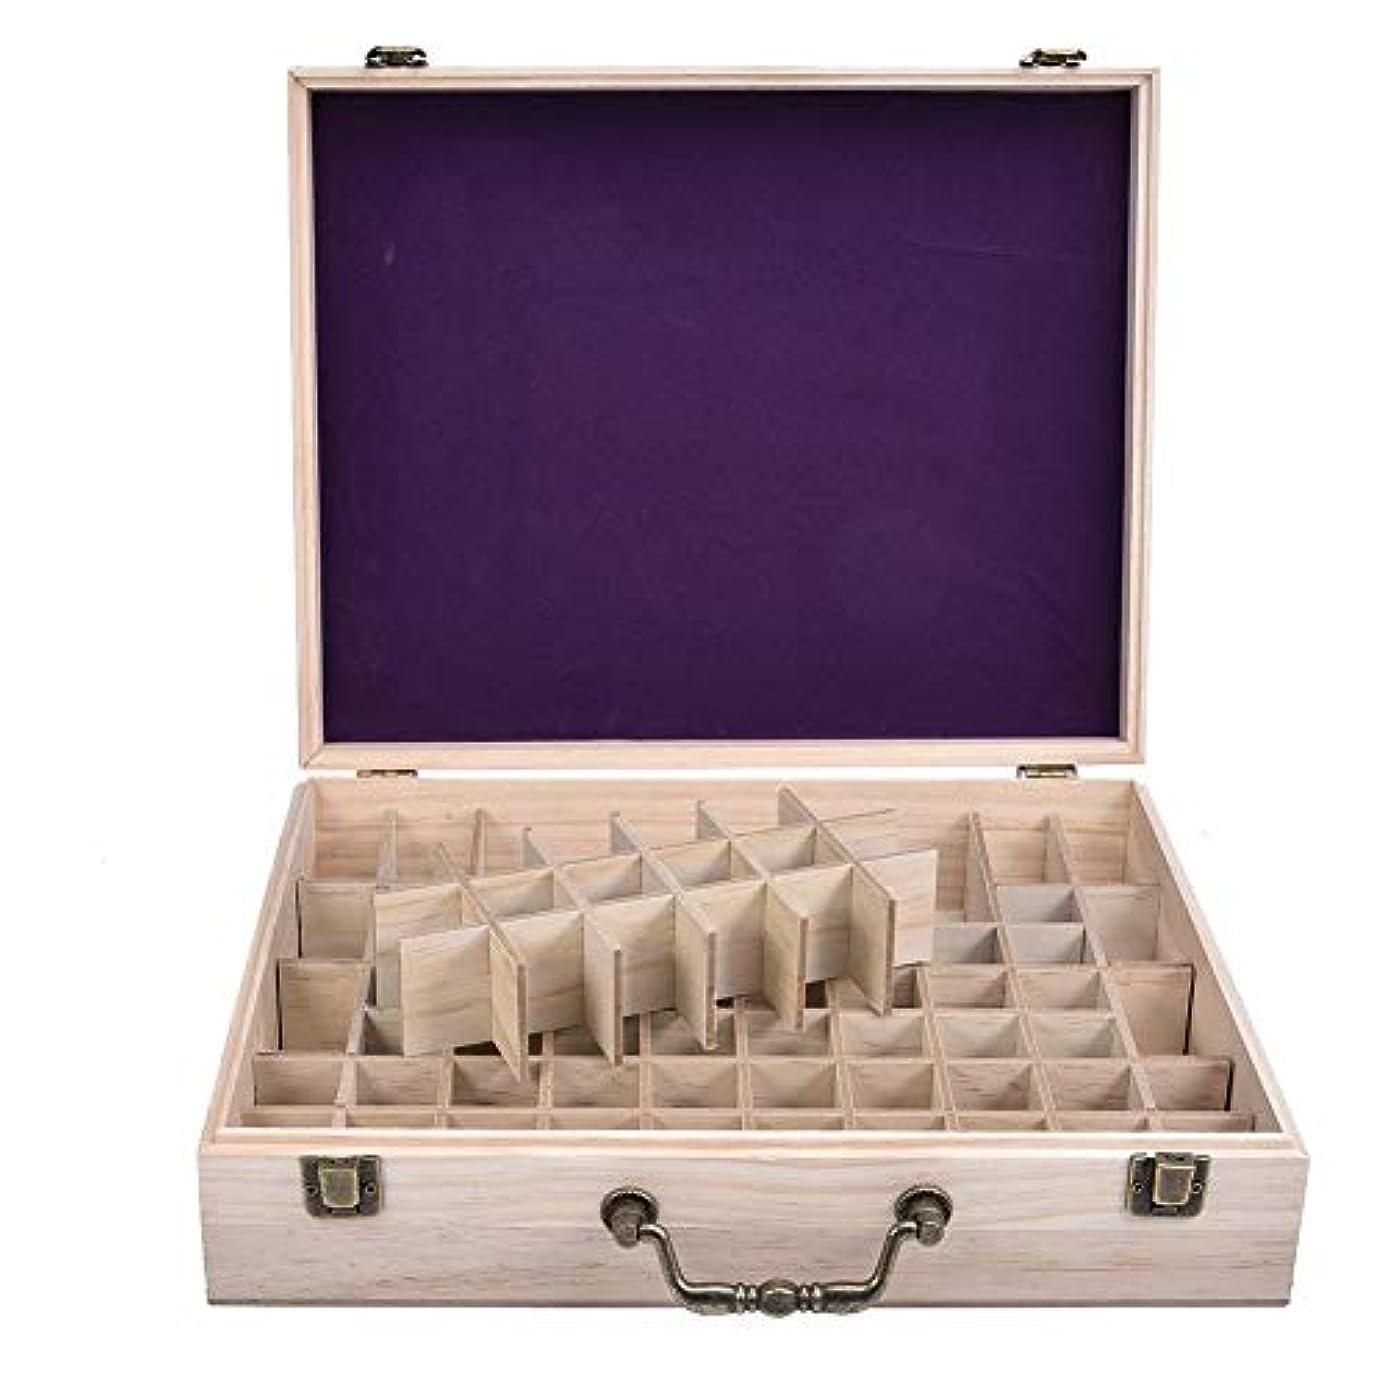 海賊スペクトラム緩むエッセンシャルオイル収納ケース 精油収納ボックス 木製 72本収納可能 大容量 取り外し可能なグリッド 5ml?10ml?15ml?115mlの精油ボルトに対応 junexi